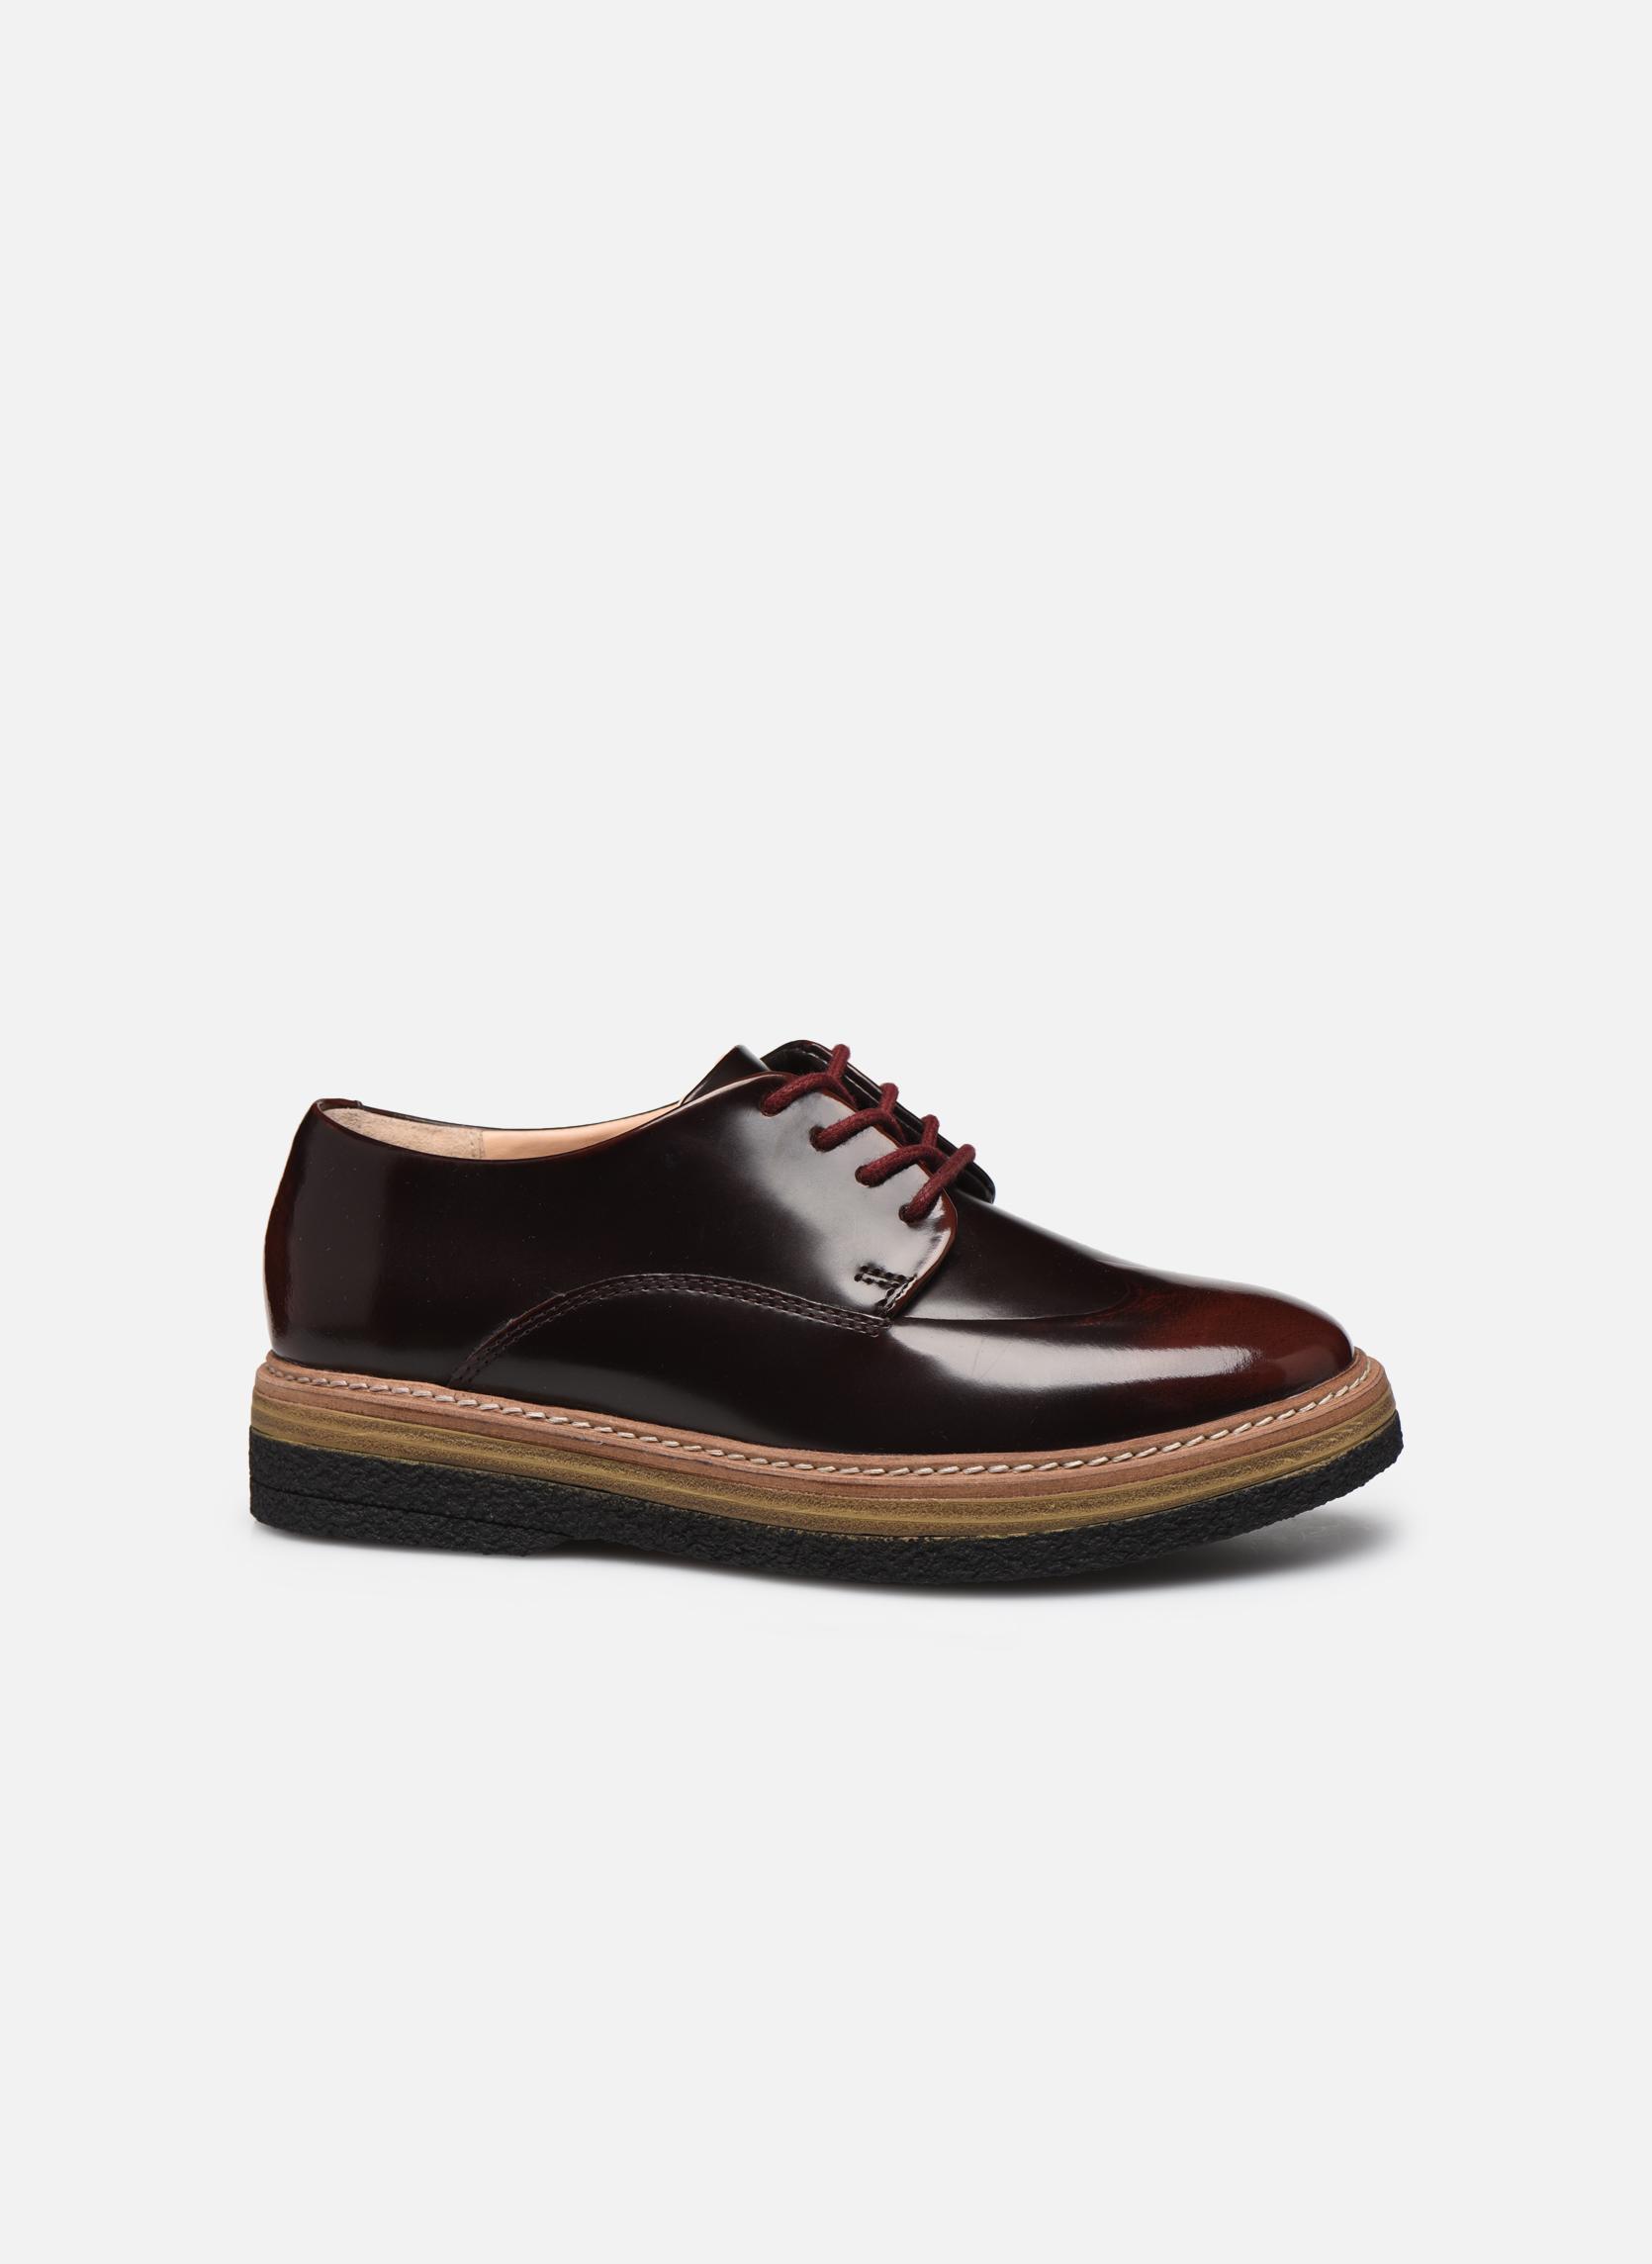 Zante Zara Burgundy leather